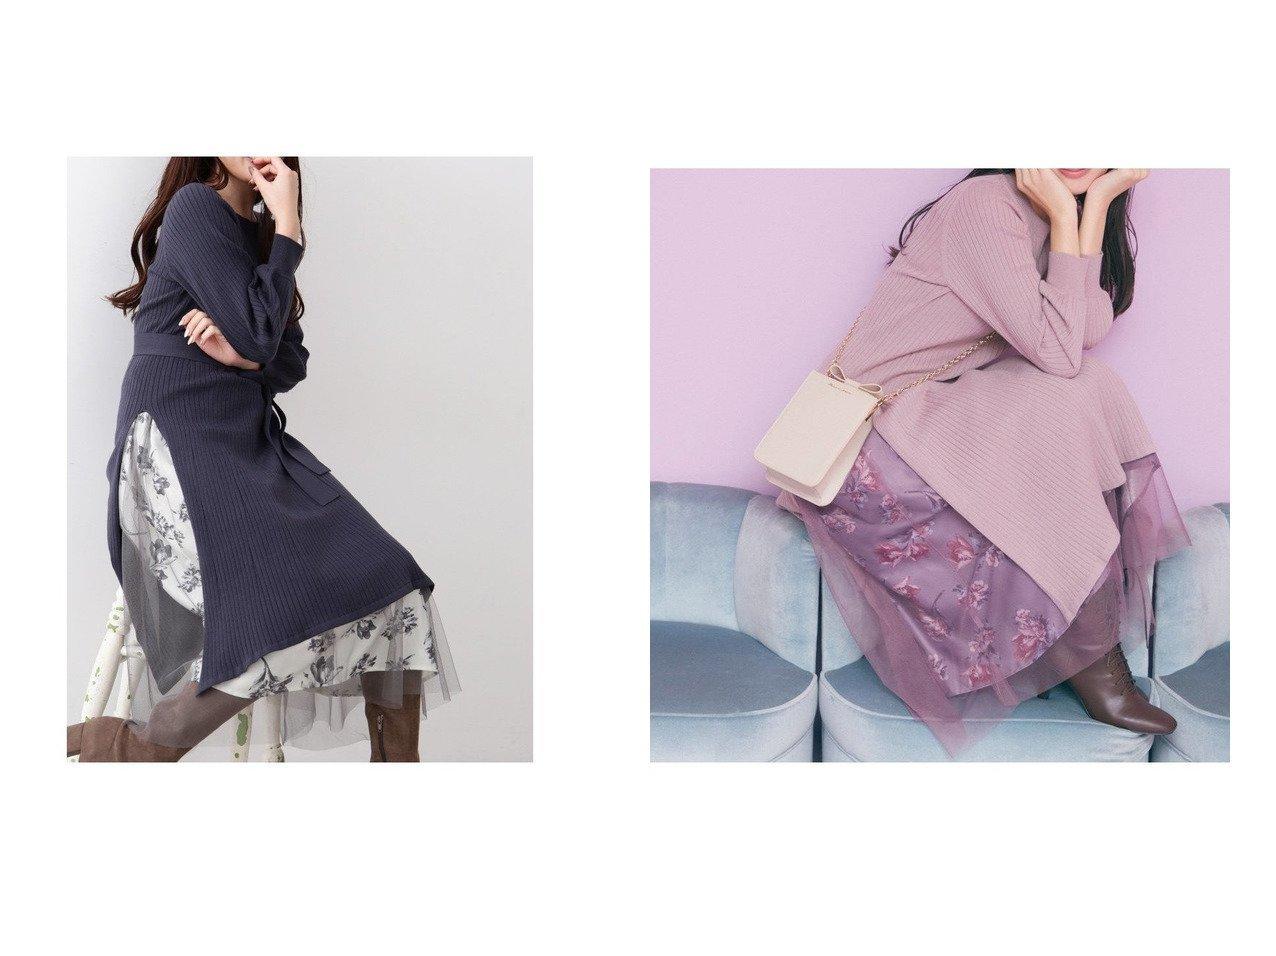 【JILL by JILLSTUART/ジルバイジルスチュアート】のスリットワンピ×トーンフラワーset ワンピース・ドレスのおすすめ!人気、トレンド・レディースファッションの通販 おすすめで人気の流行・トレンド、ファッションの通販商品 メンズファッション・キッズファッション・インテリア・家具・レディースファッション・服の通販 founy(ファニー) https://founy.com/ ファッション Fashion レディースファッション WOMEN ワンピース Dress NEW・新作・新着・新入荷 New Arrivals スリット チュール フラワー  ID:crp329100000015480